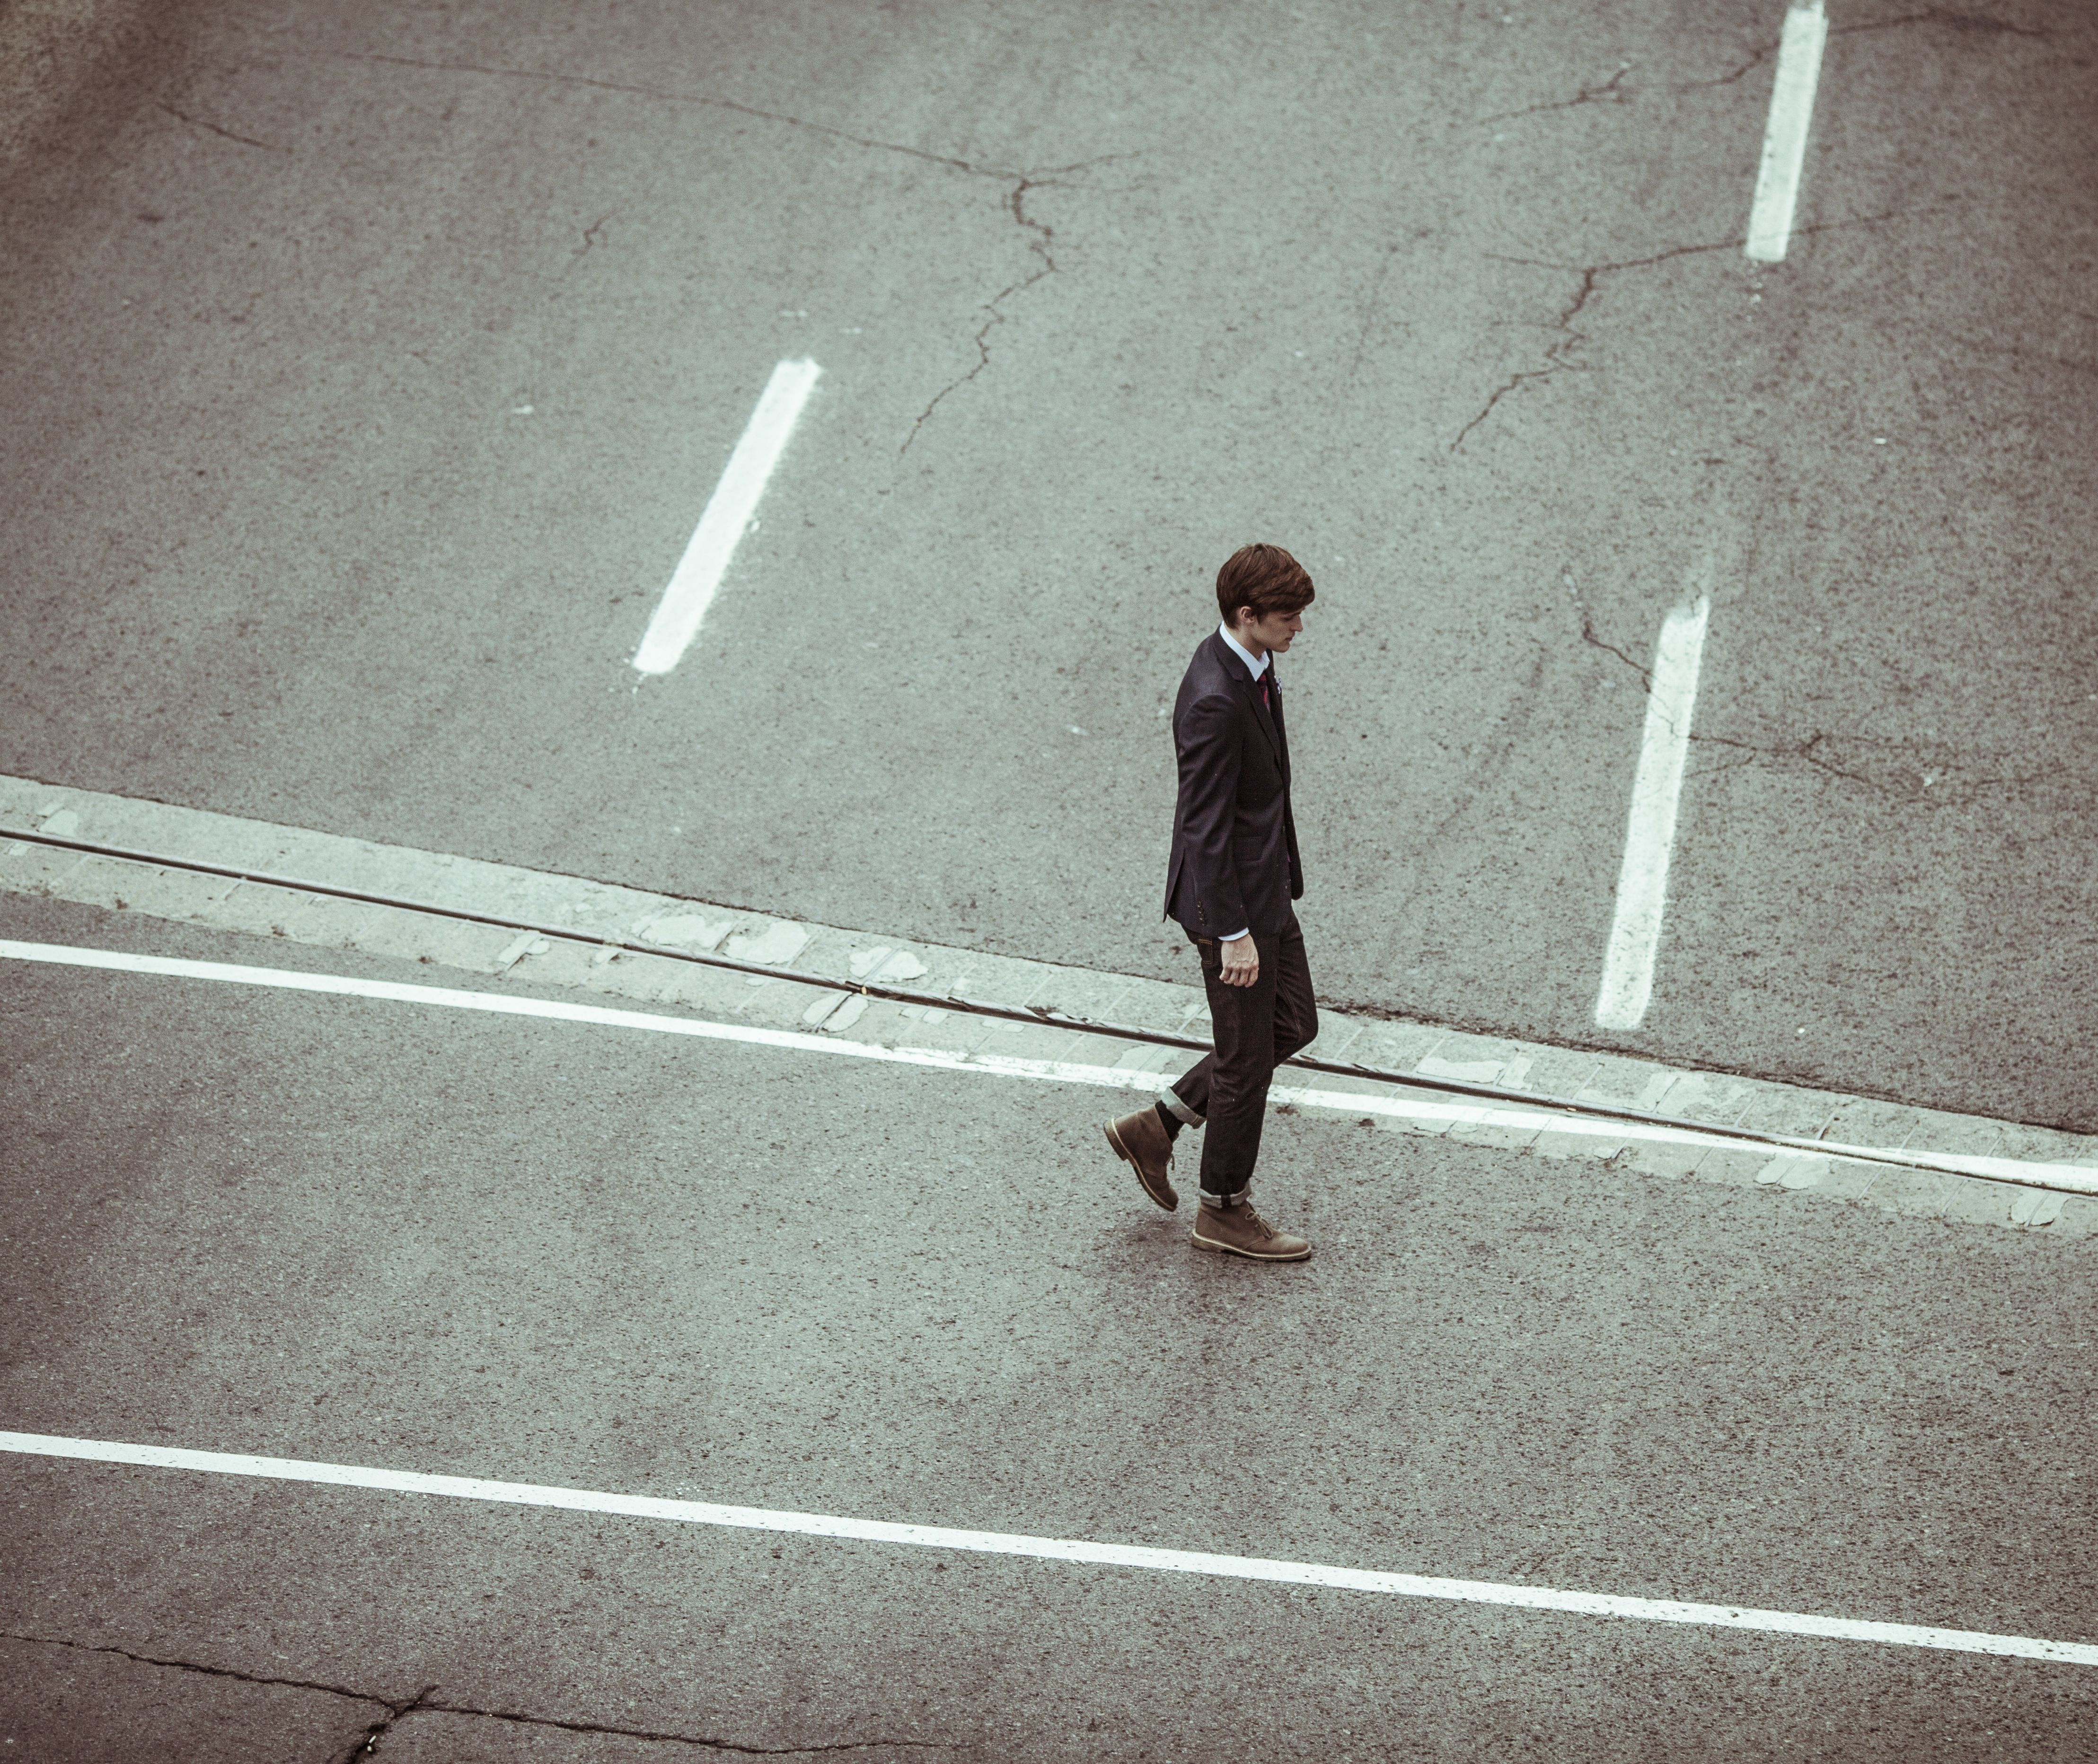 Streetroadwalking I have no friends, Secret power